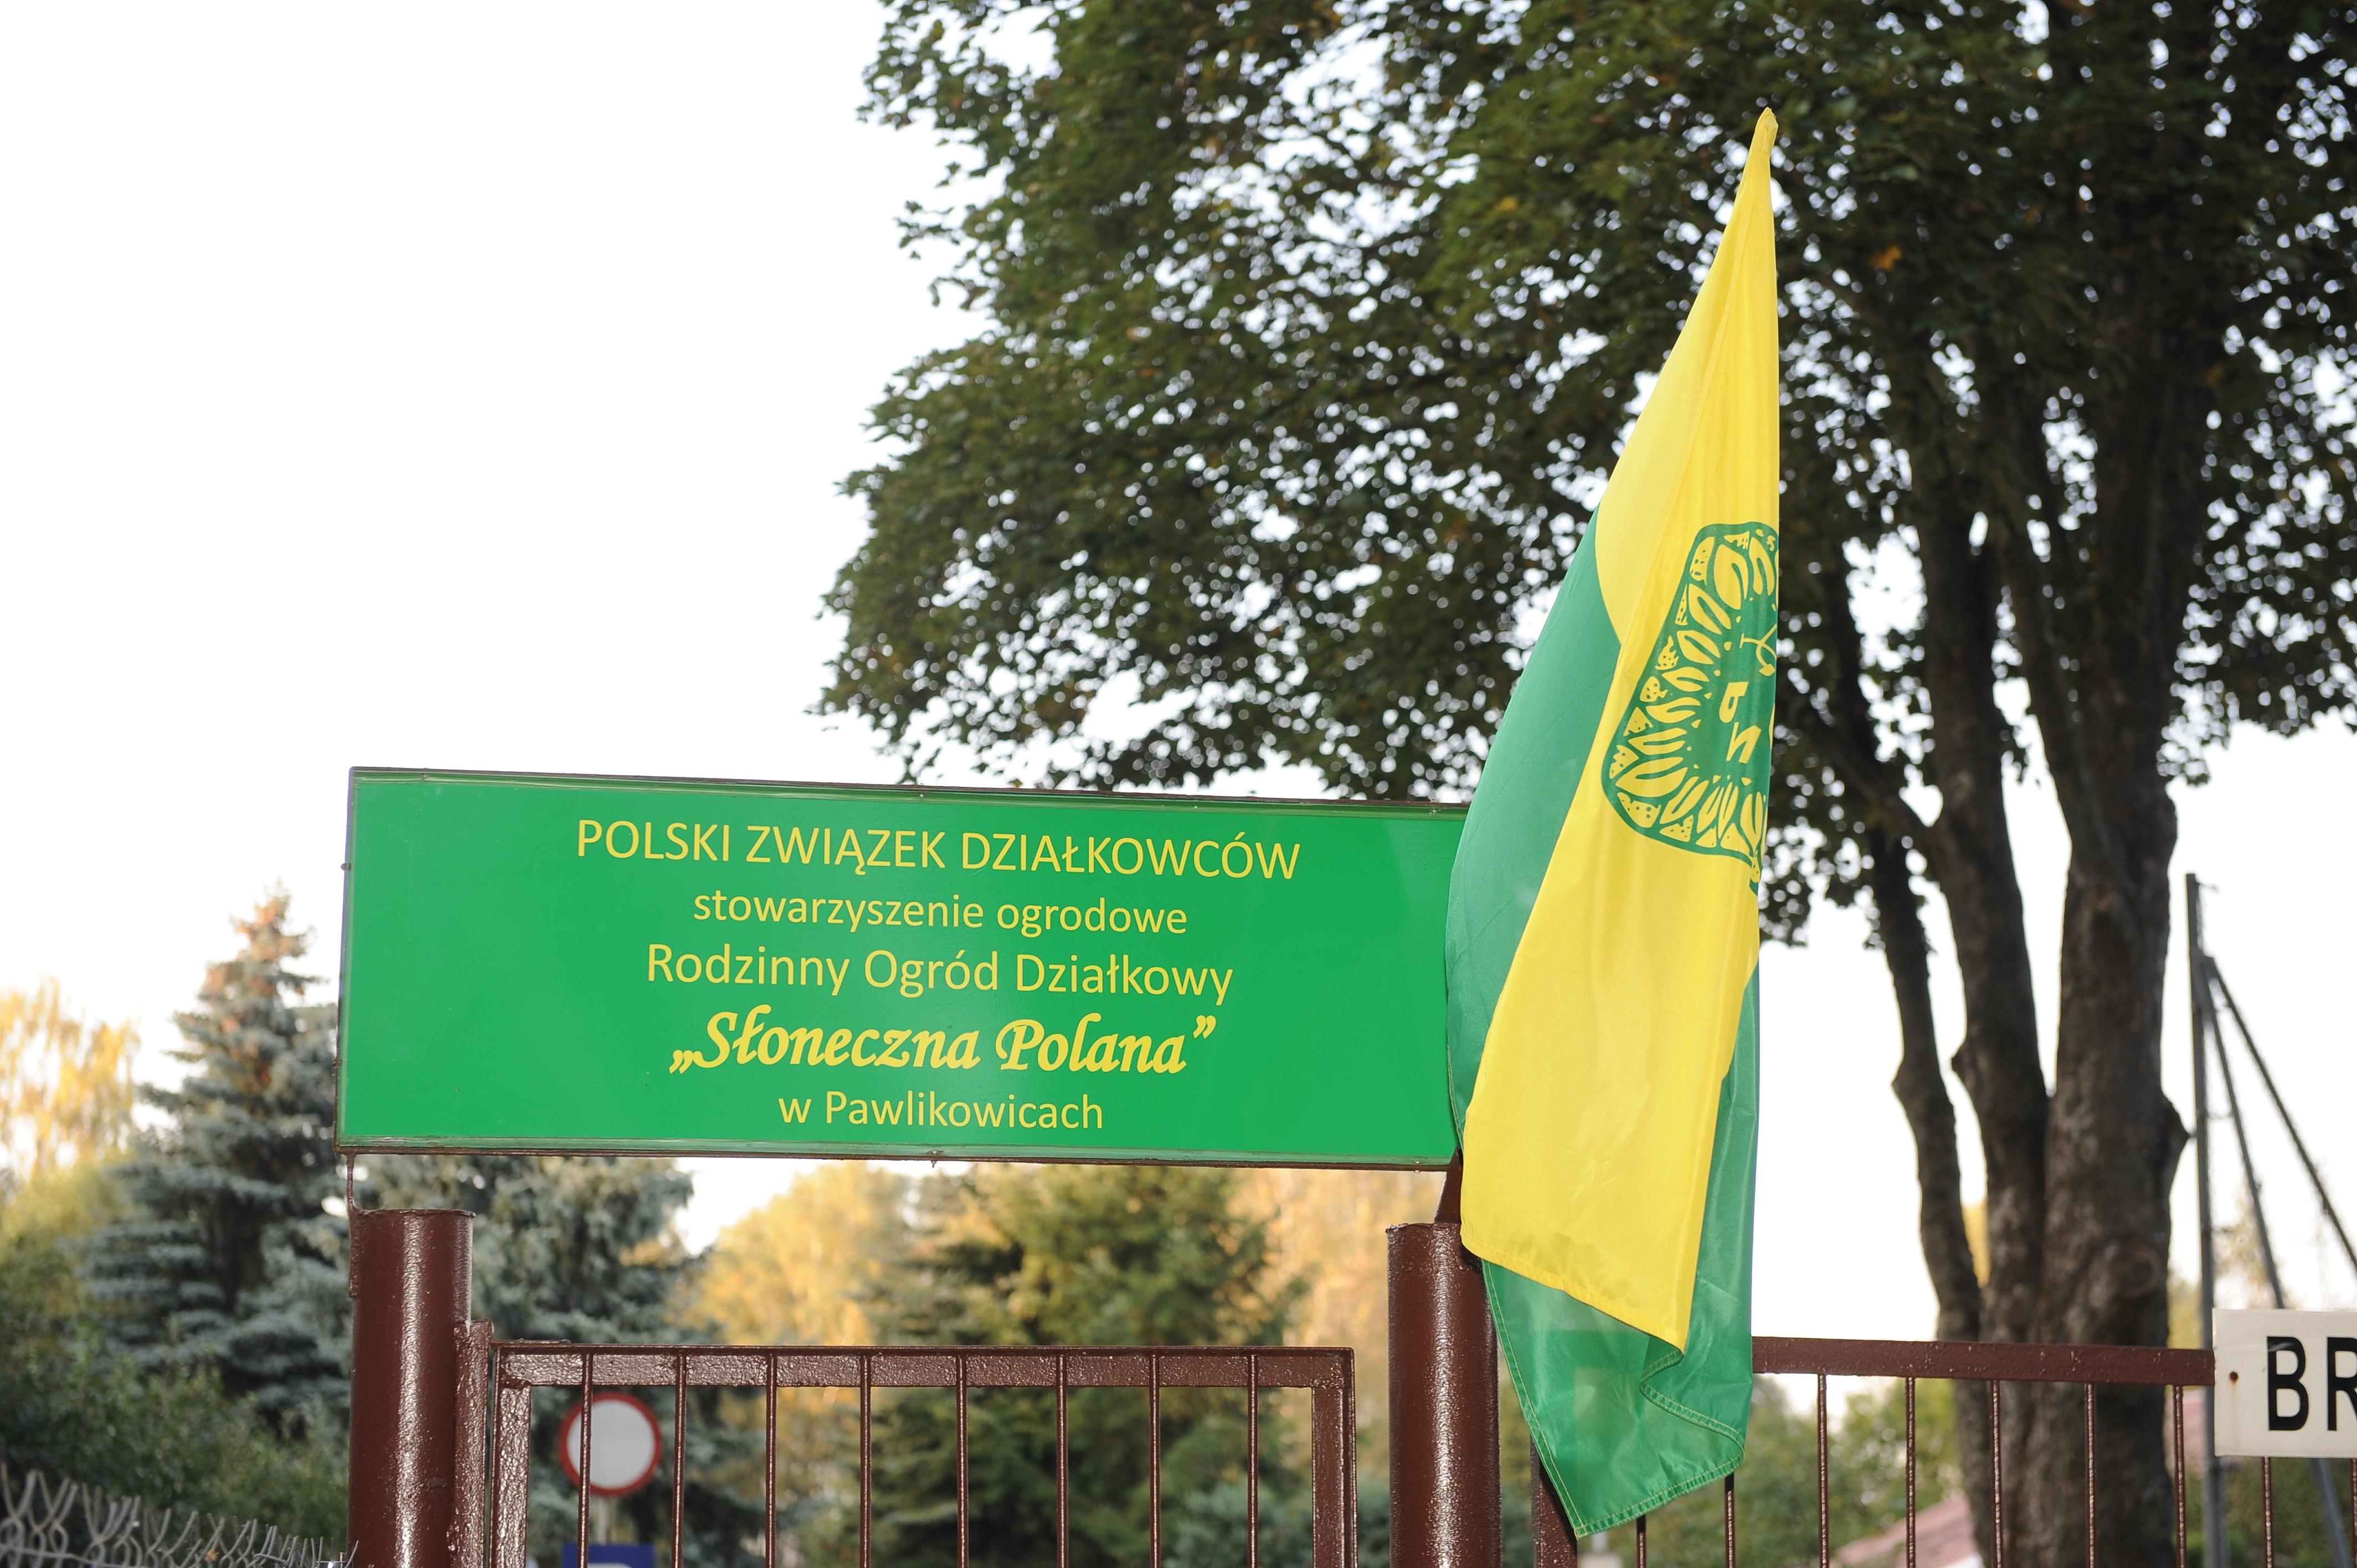 Altany W Rod A Prawo Ogrody Dzialkowe Sloneczna Polana Pawlikowice